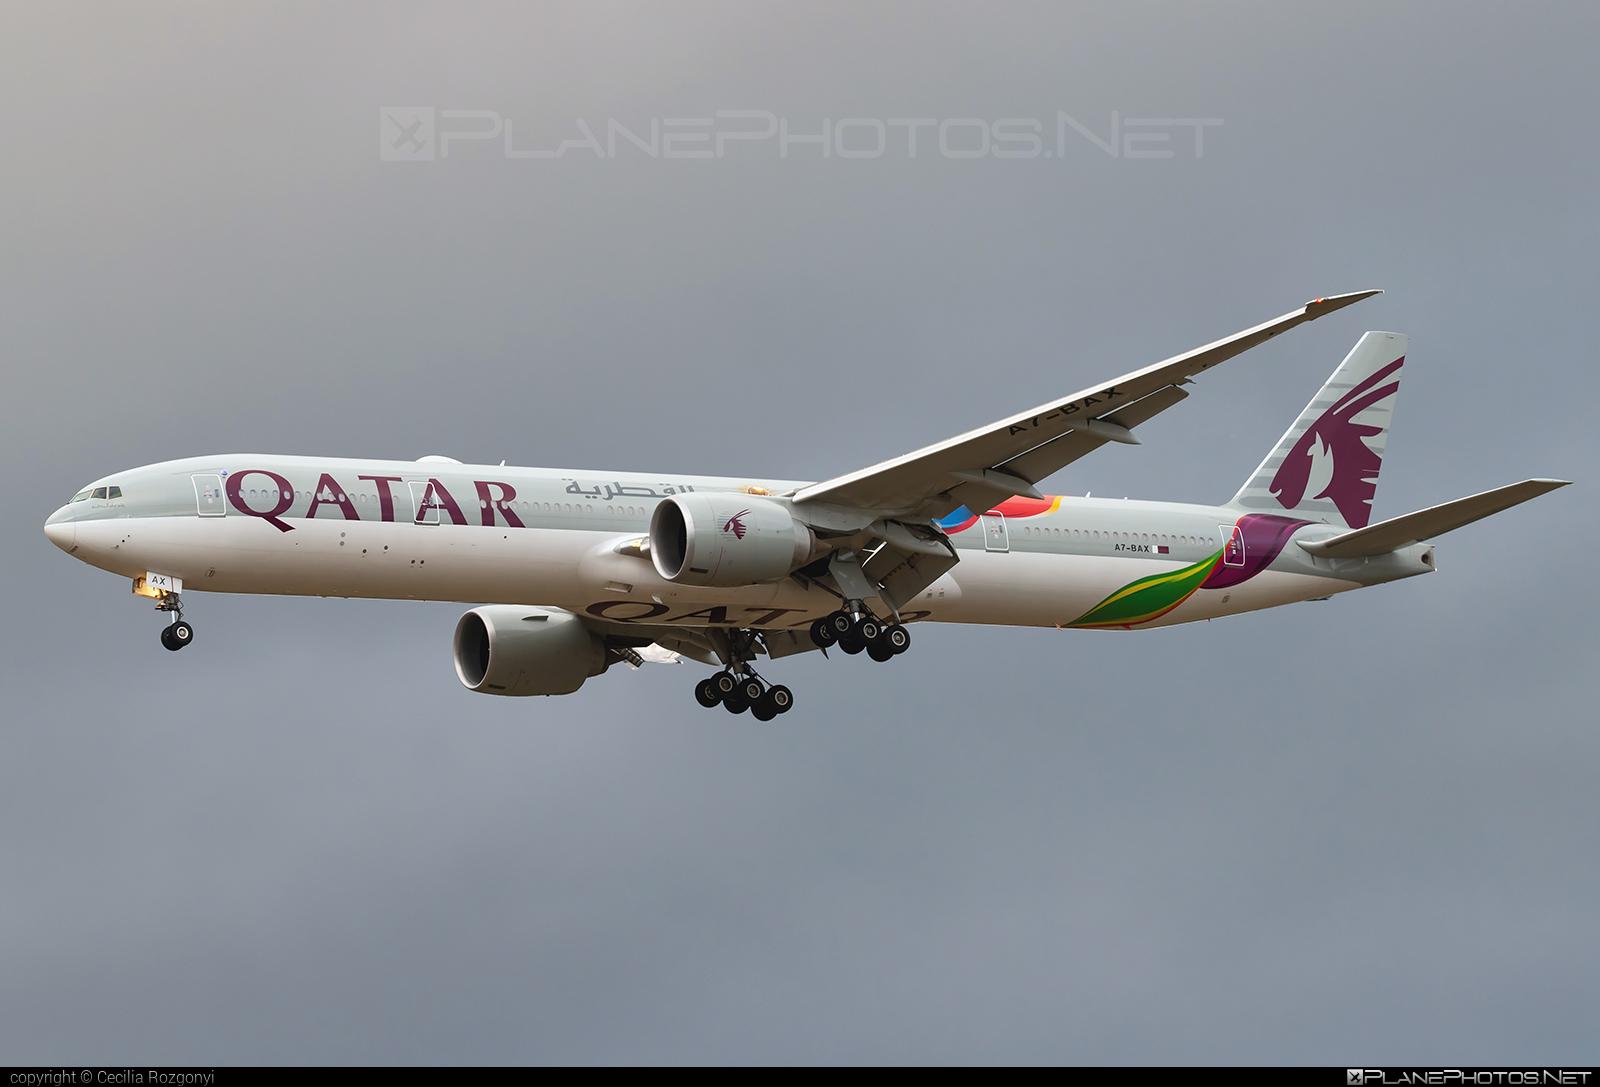 Boeing 777-300ER - A7-BAX operated by Qatar Airways #b777 #b777er #boeing #boeing777 #qatarairways #tripleseven